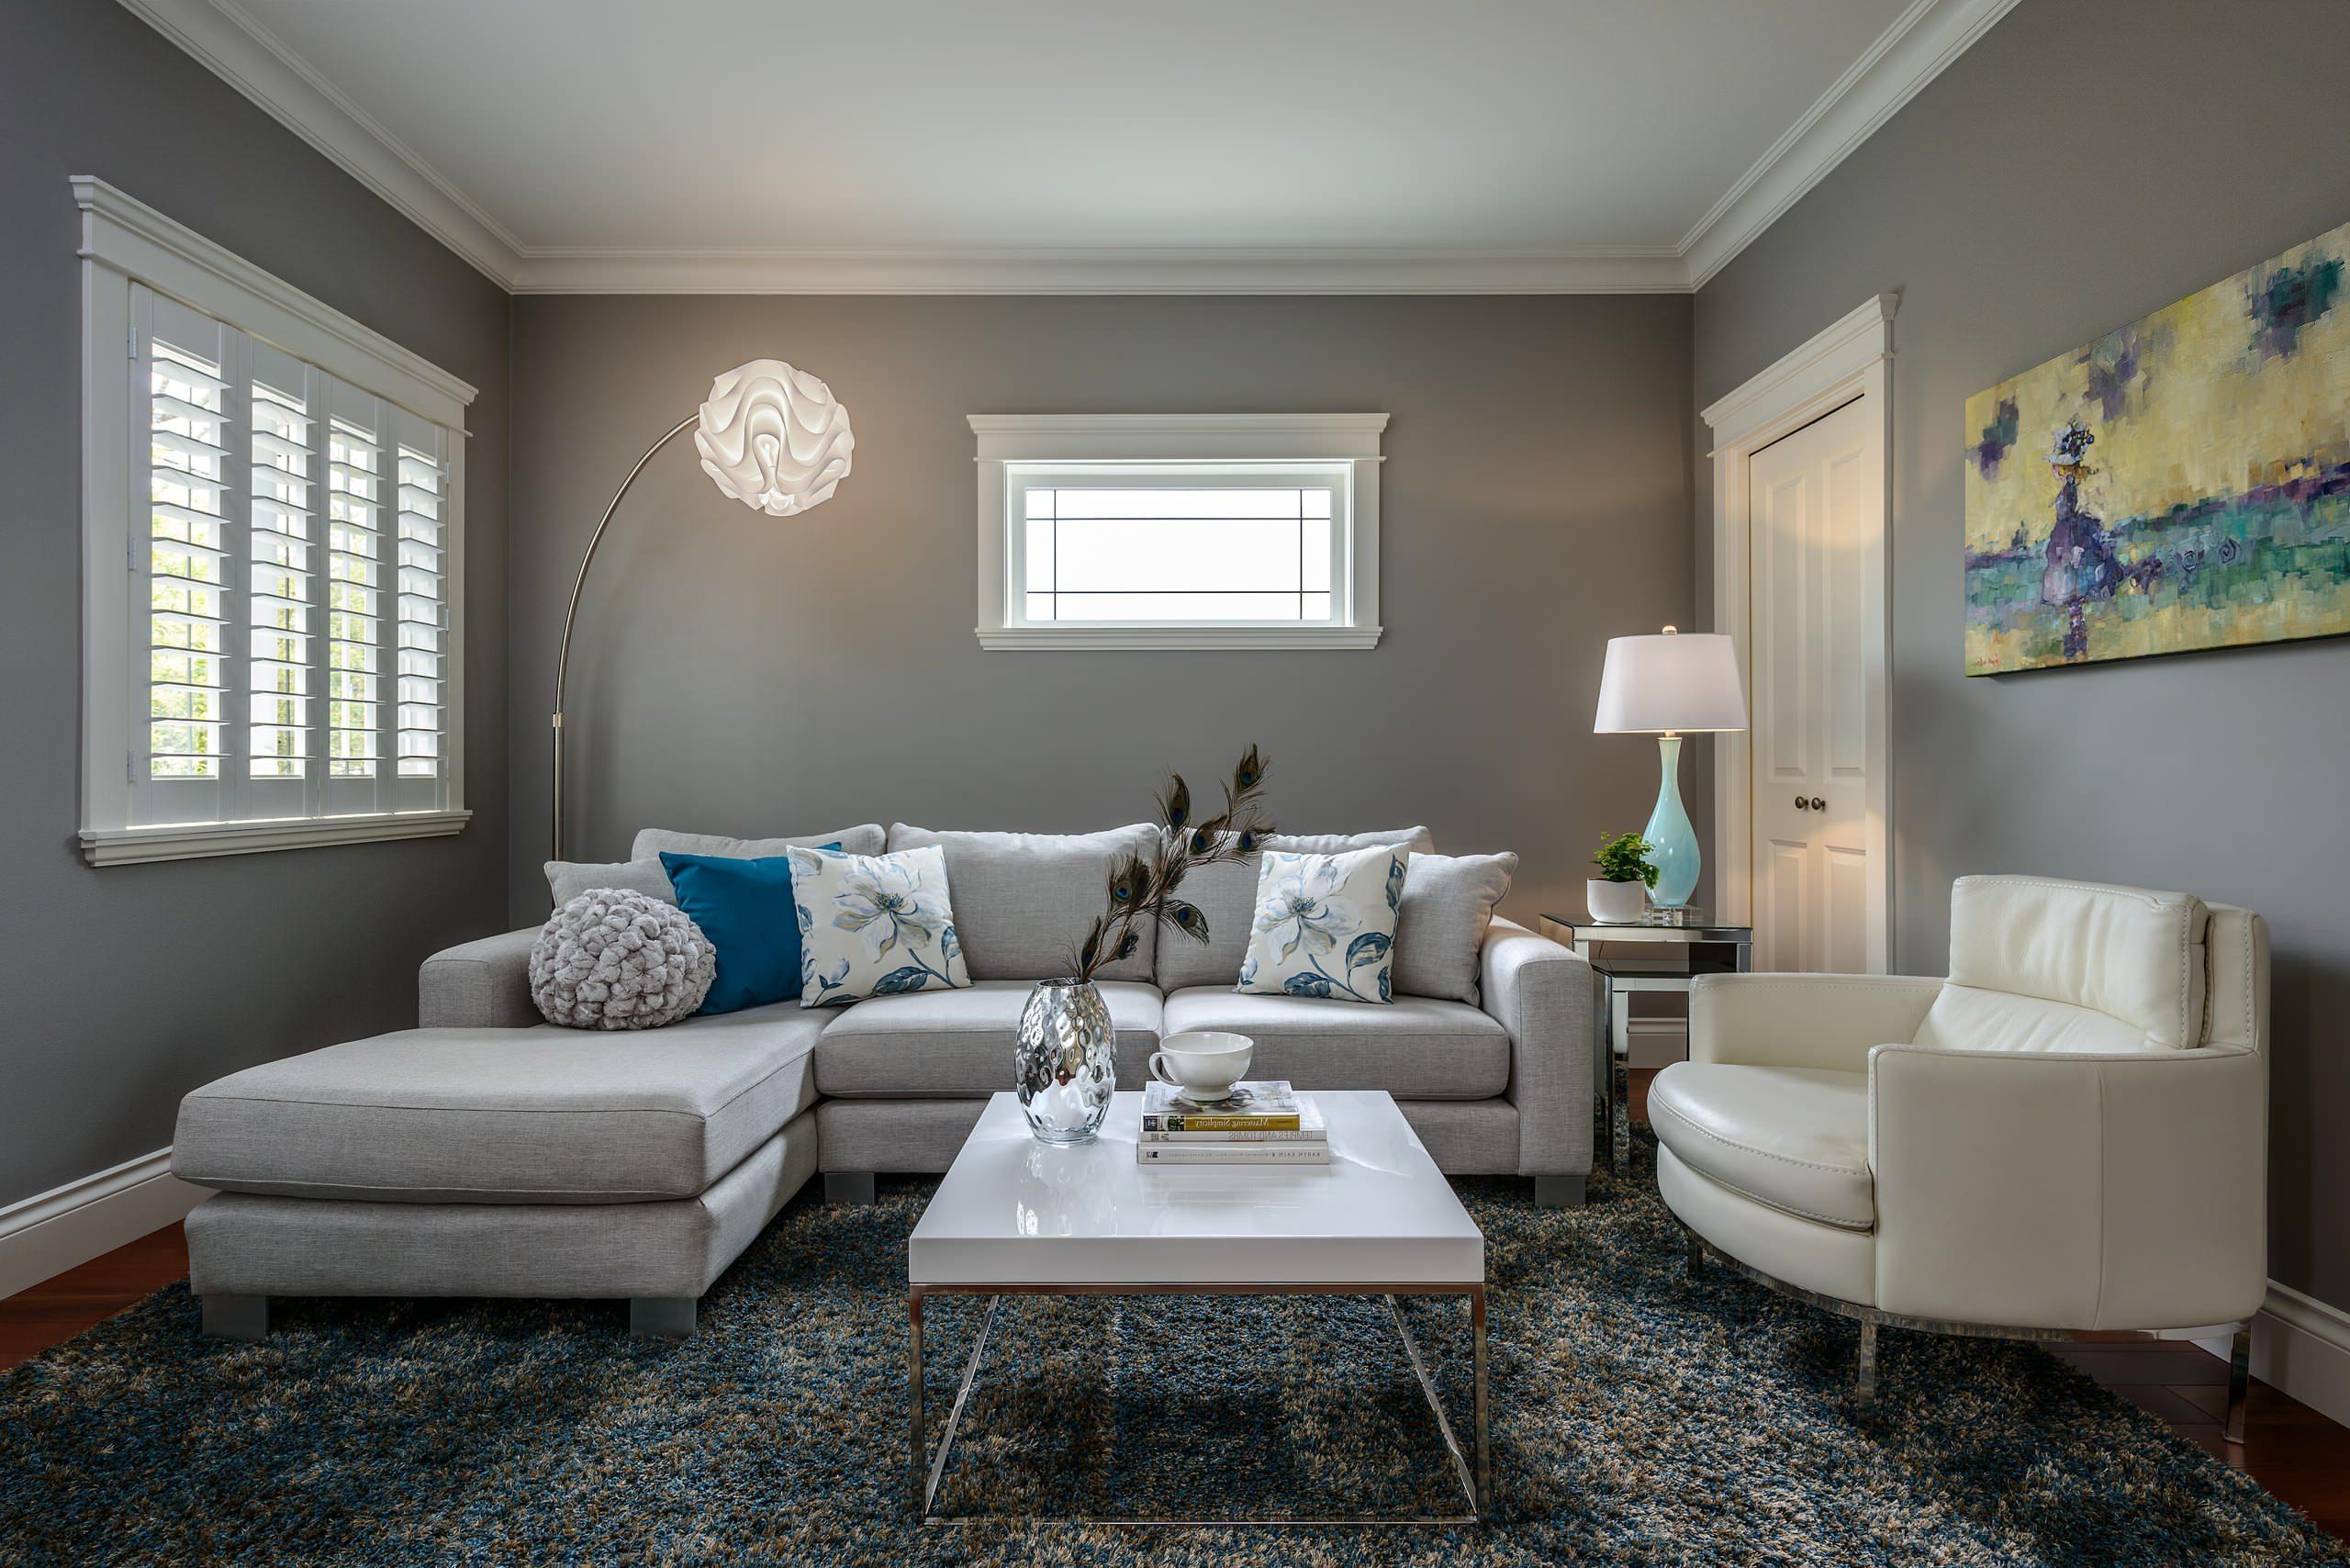 Die graue Wandfarbe Wohnzimmer lässt Ihnen schöne dekorative Akzente zu setzten